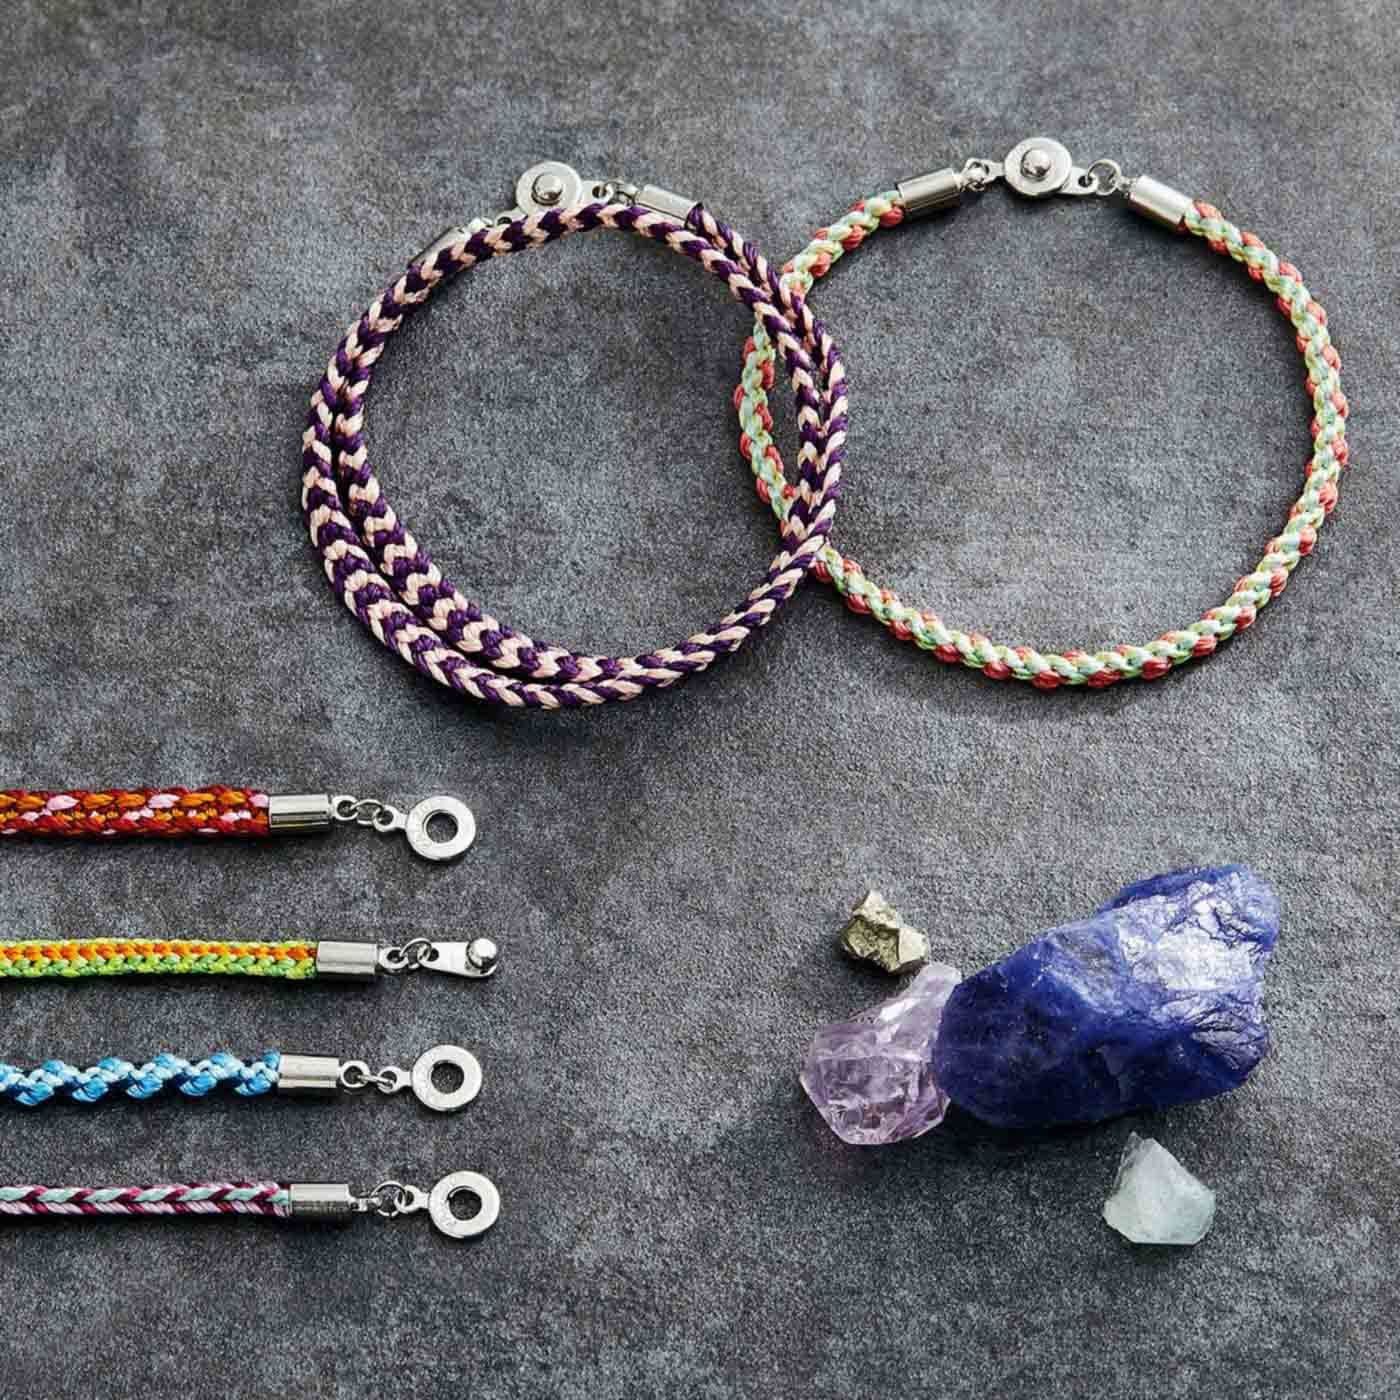 いにしえの優美な模様 絹糸で組む くみひもブレスレットの会